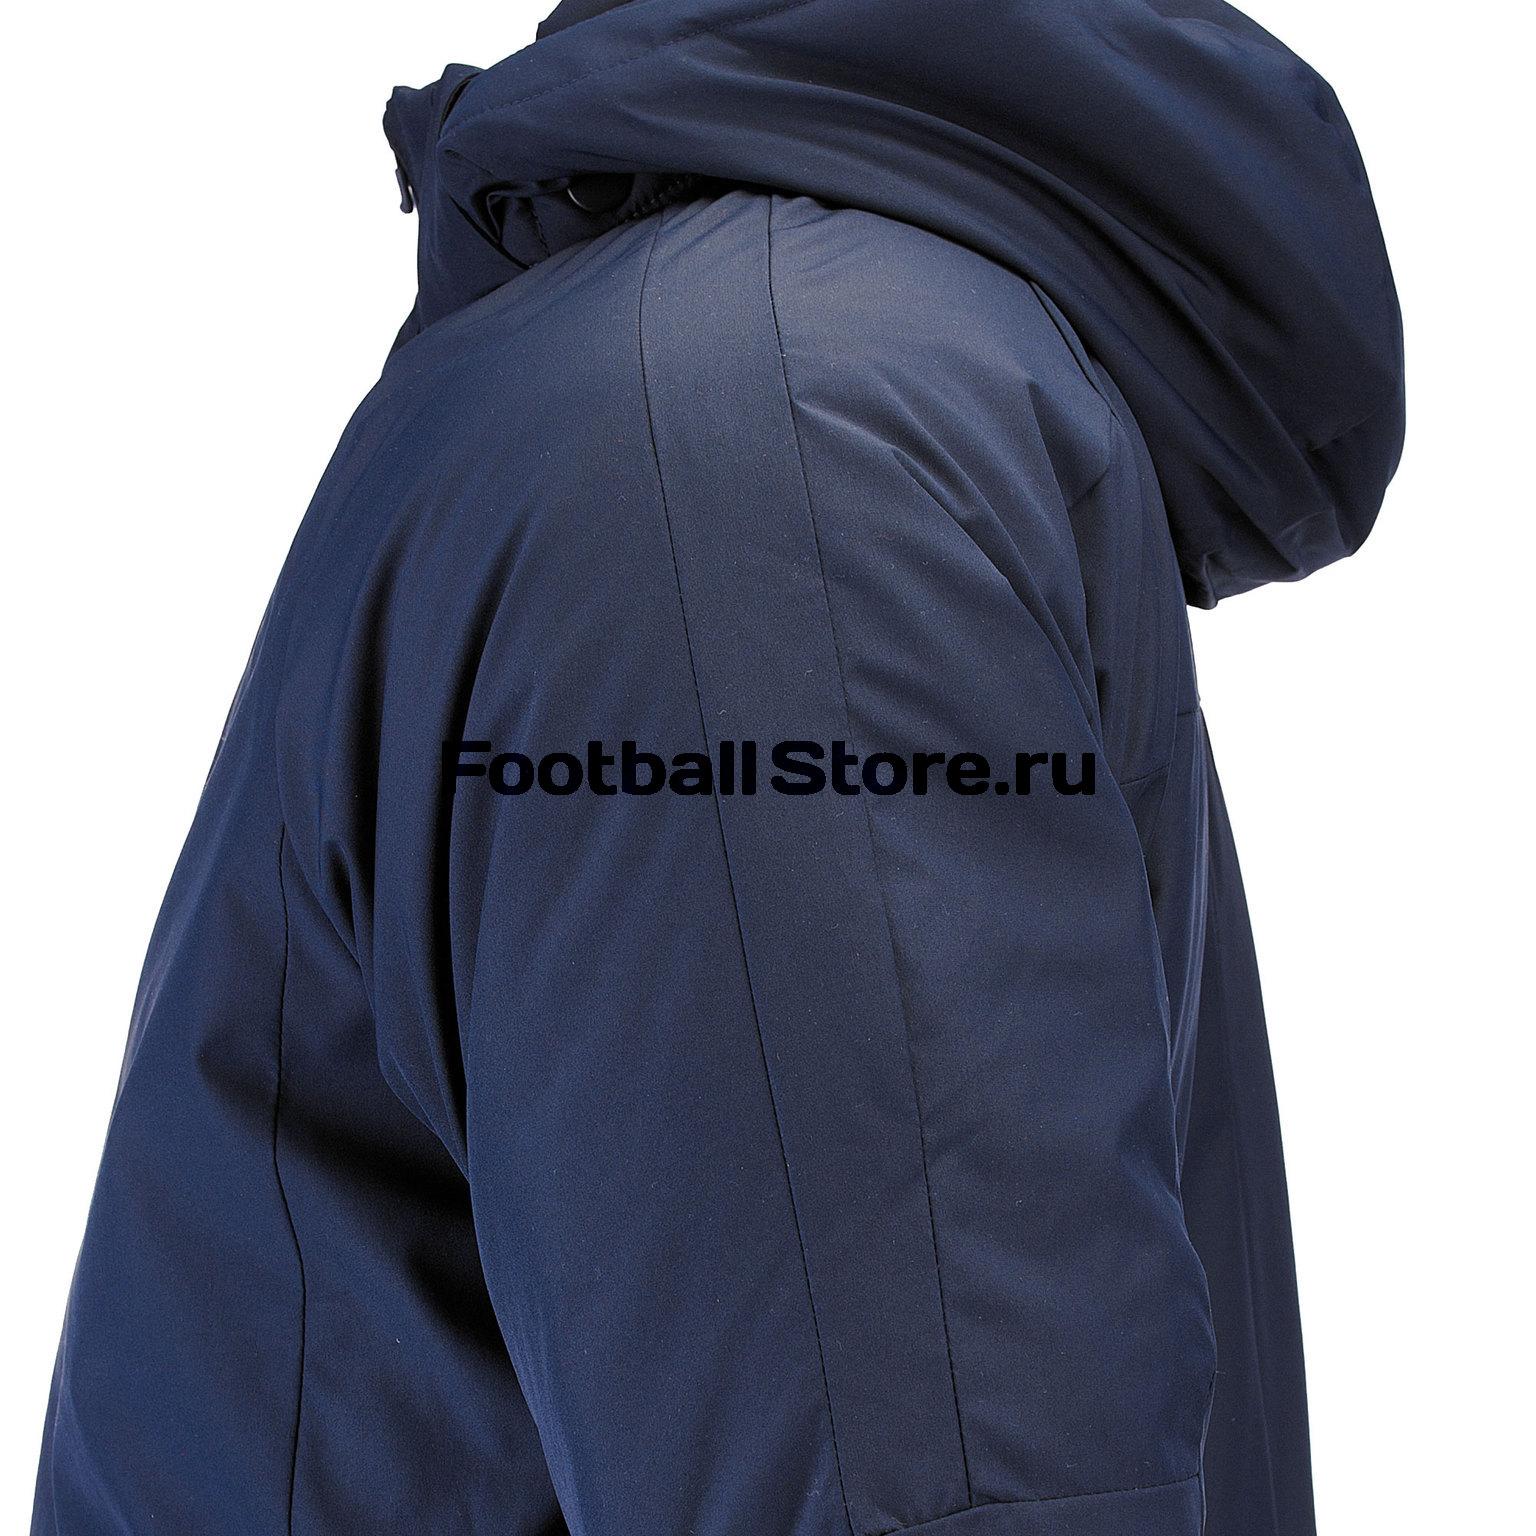 d0d7faee ... Куртка подростковая Nike Dry Academy18 Jacket 893827-451. О ТОВАРЕ;  РАСЧЕТ ДОСТАВКИ